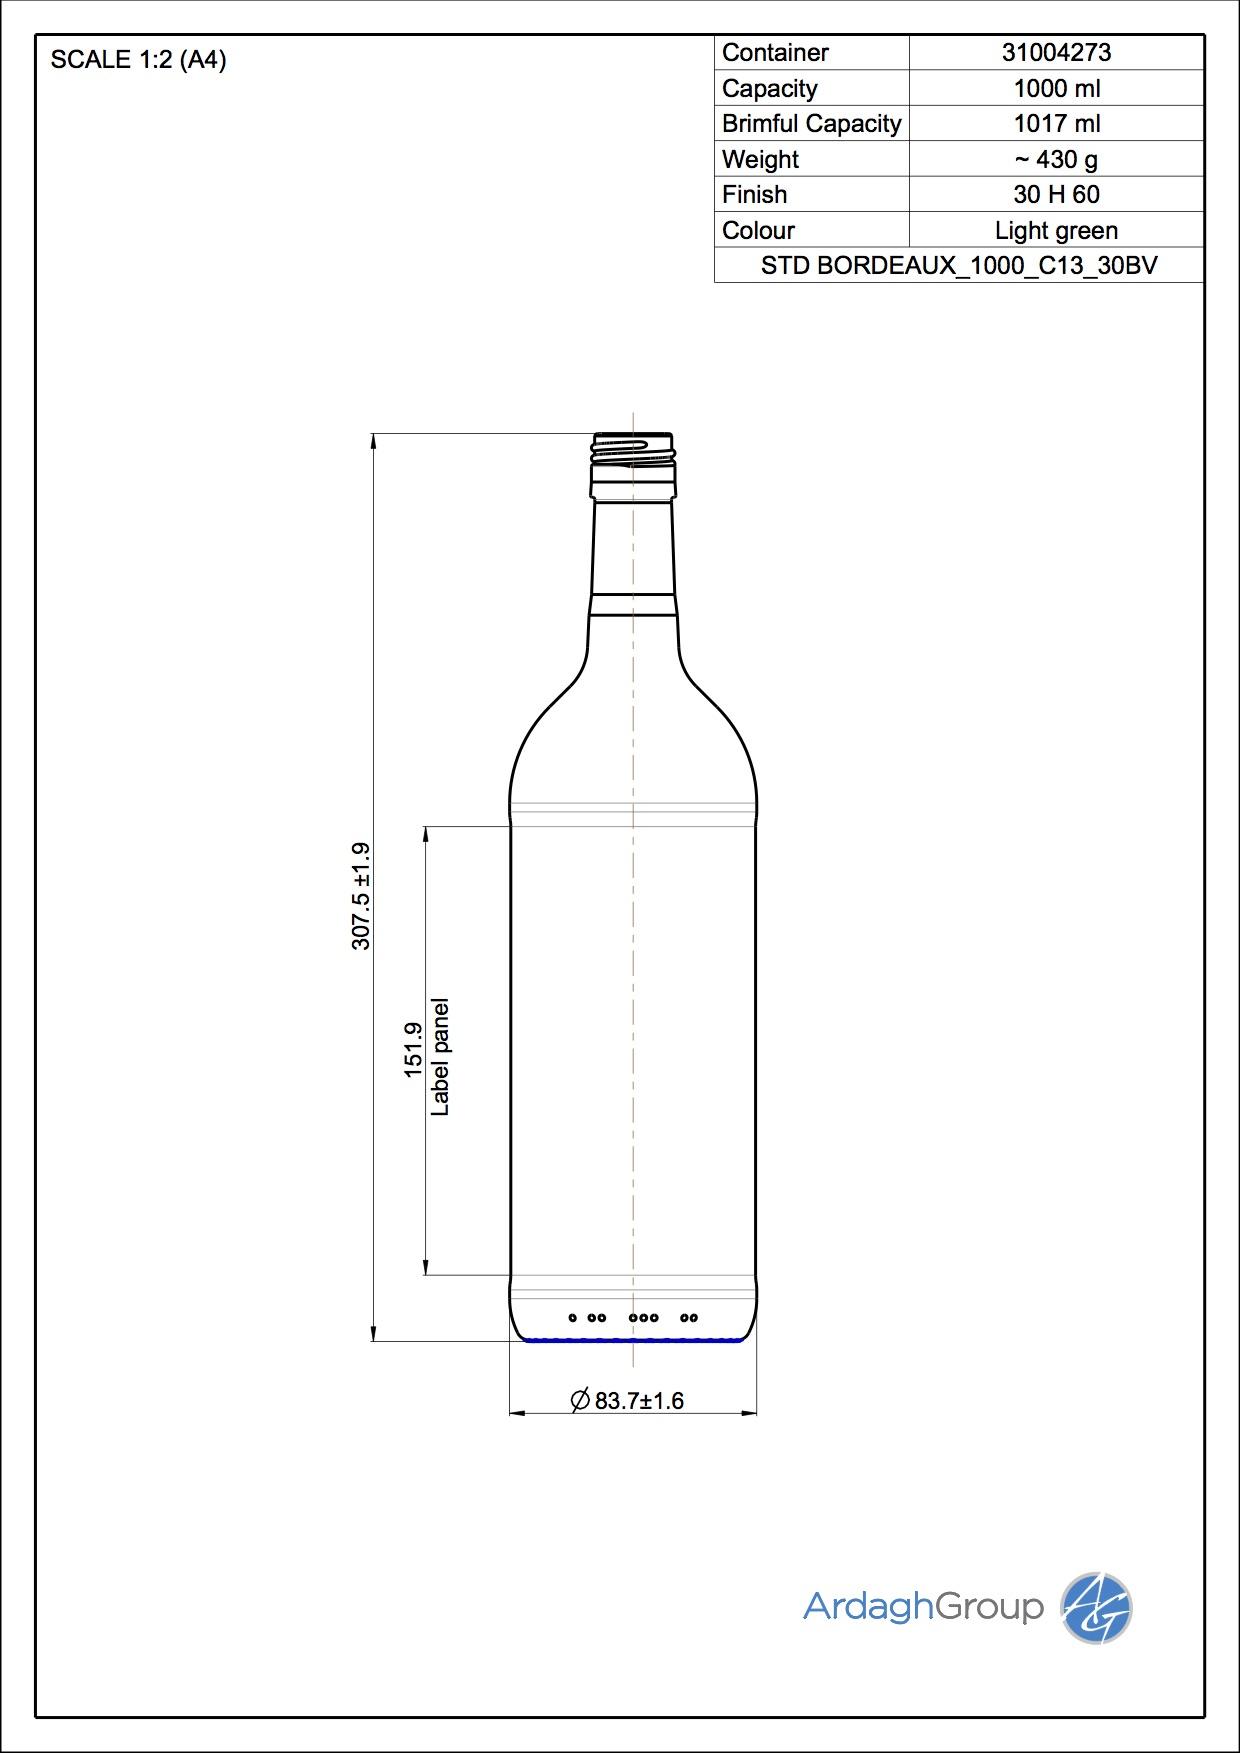 STD BORDEAUX_1000_C13_30BV